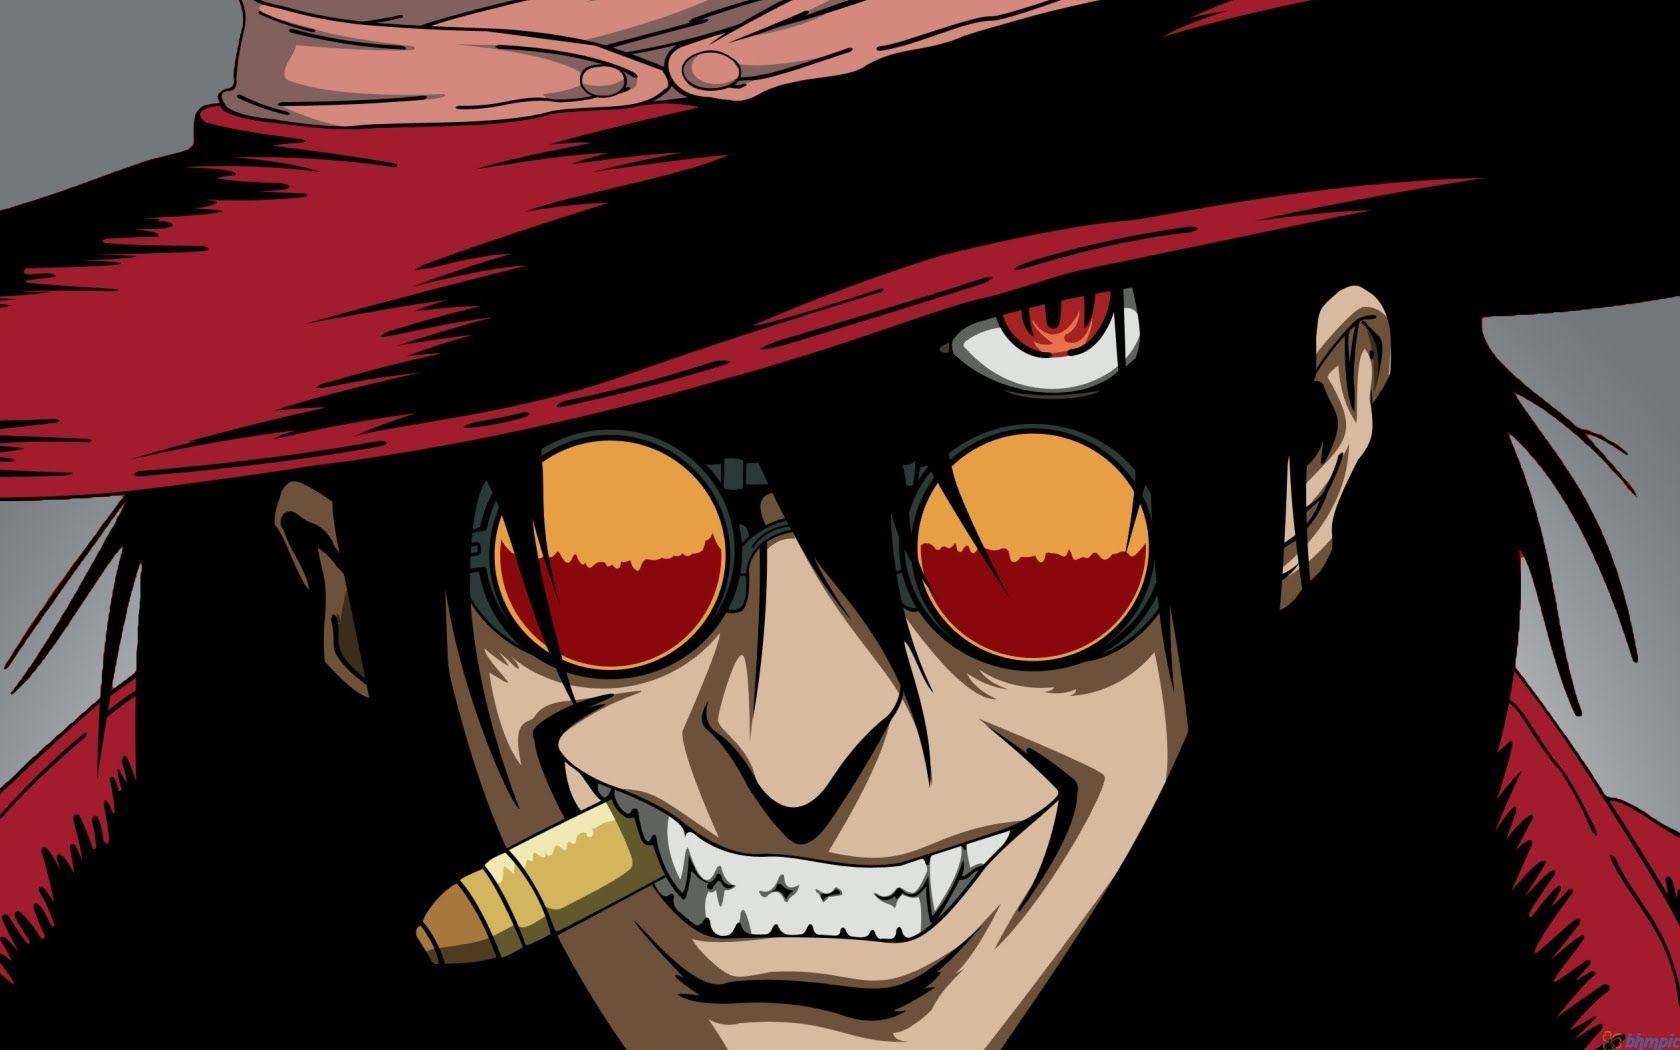 GR Anime Review Hellsing Hellsing alucard, Alucard